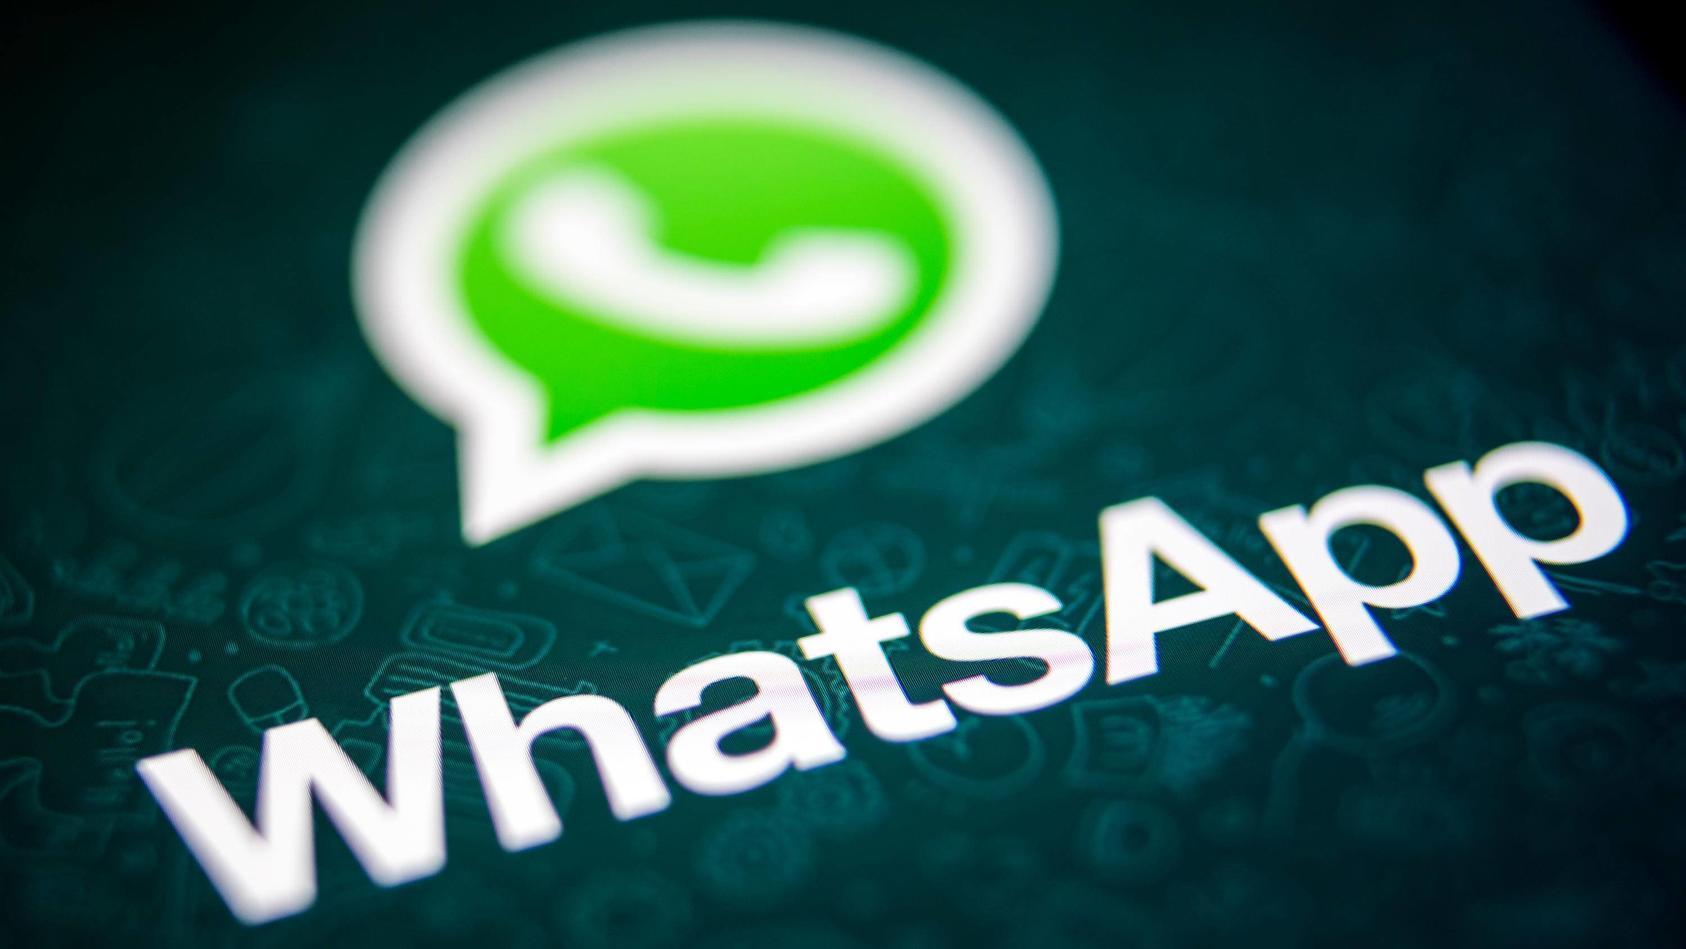 Für einige Smartphones endet ab 1. November der WhatsApp-Support.